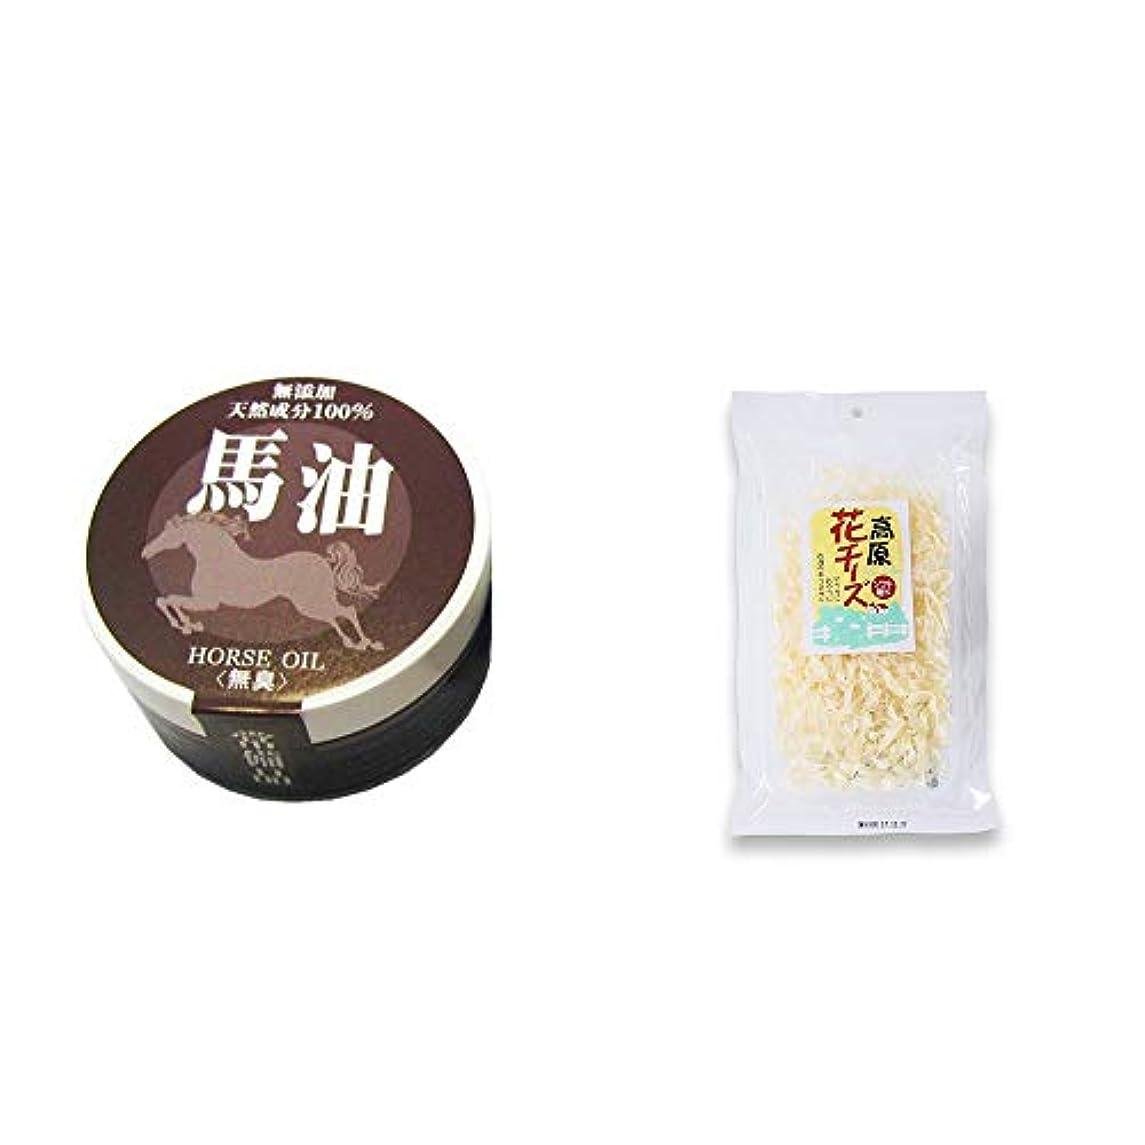 コロニー翻訳する徒歩で[2点セット] 無添加天然成分100% 馬油[無香料](38g)?高原の花チーズ(56g)